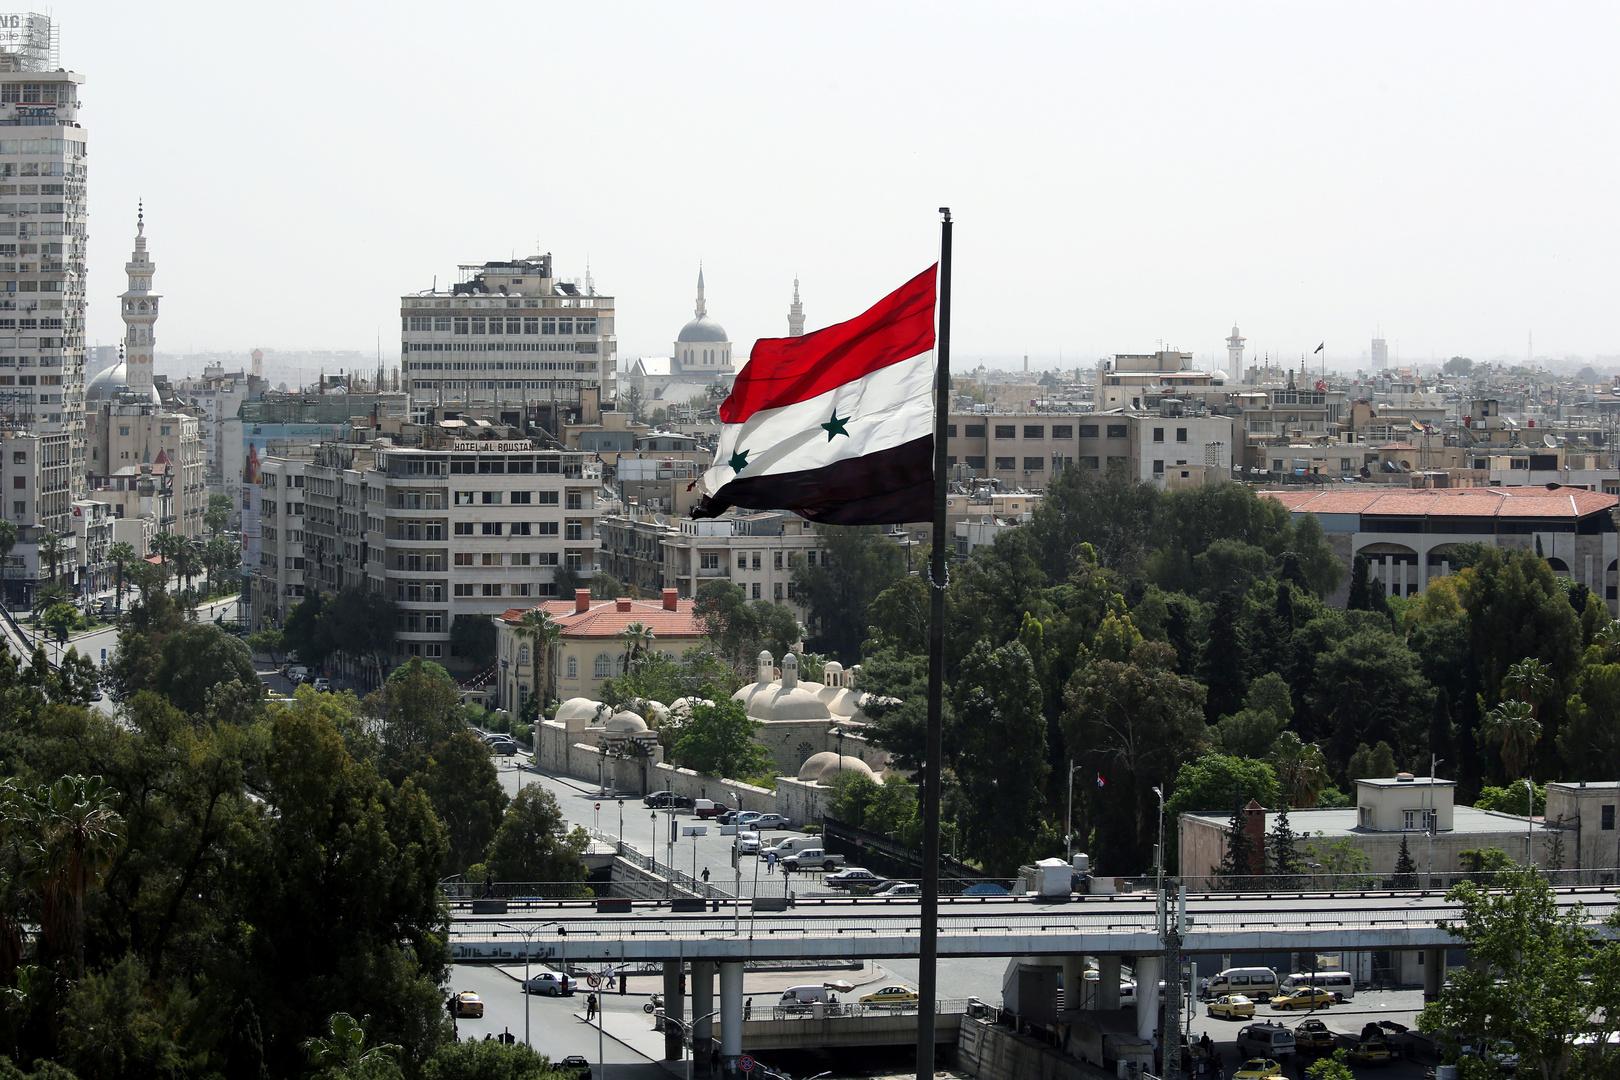 الأمم المتحدة: سوريا تتسلم أول دفعة من اللقاحات ضد كورونا